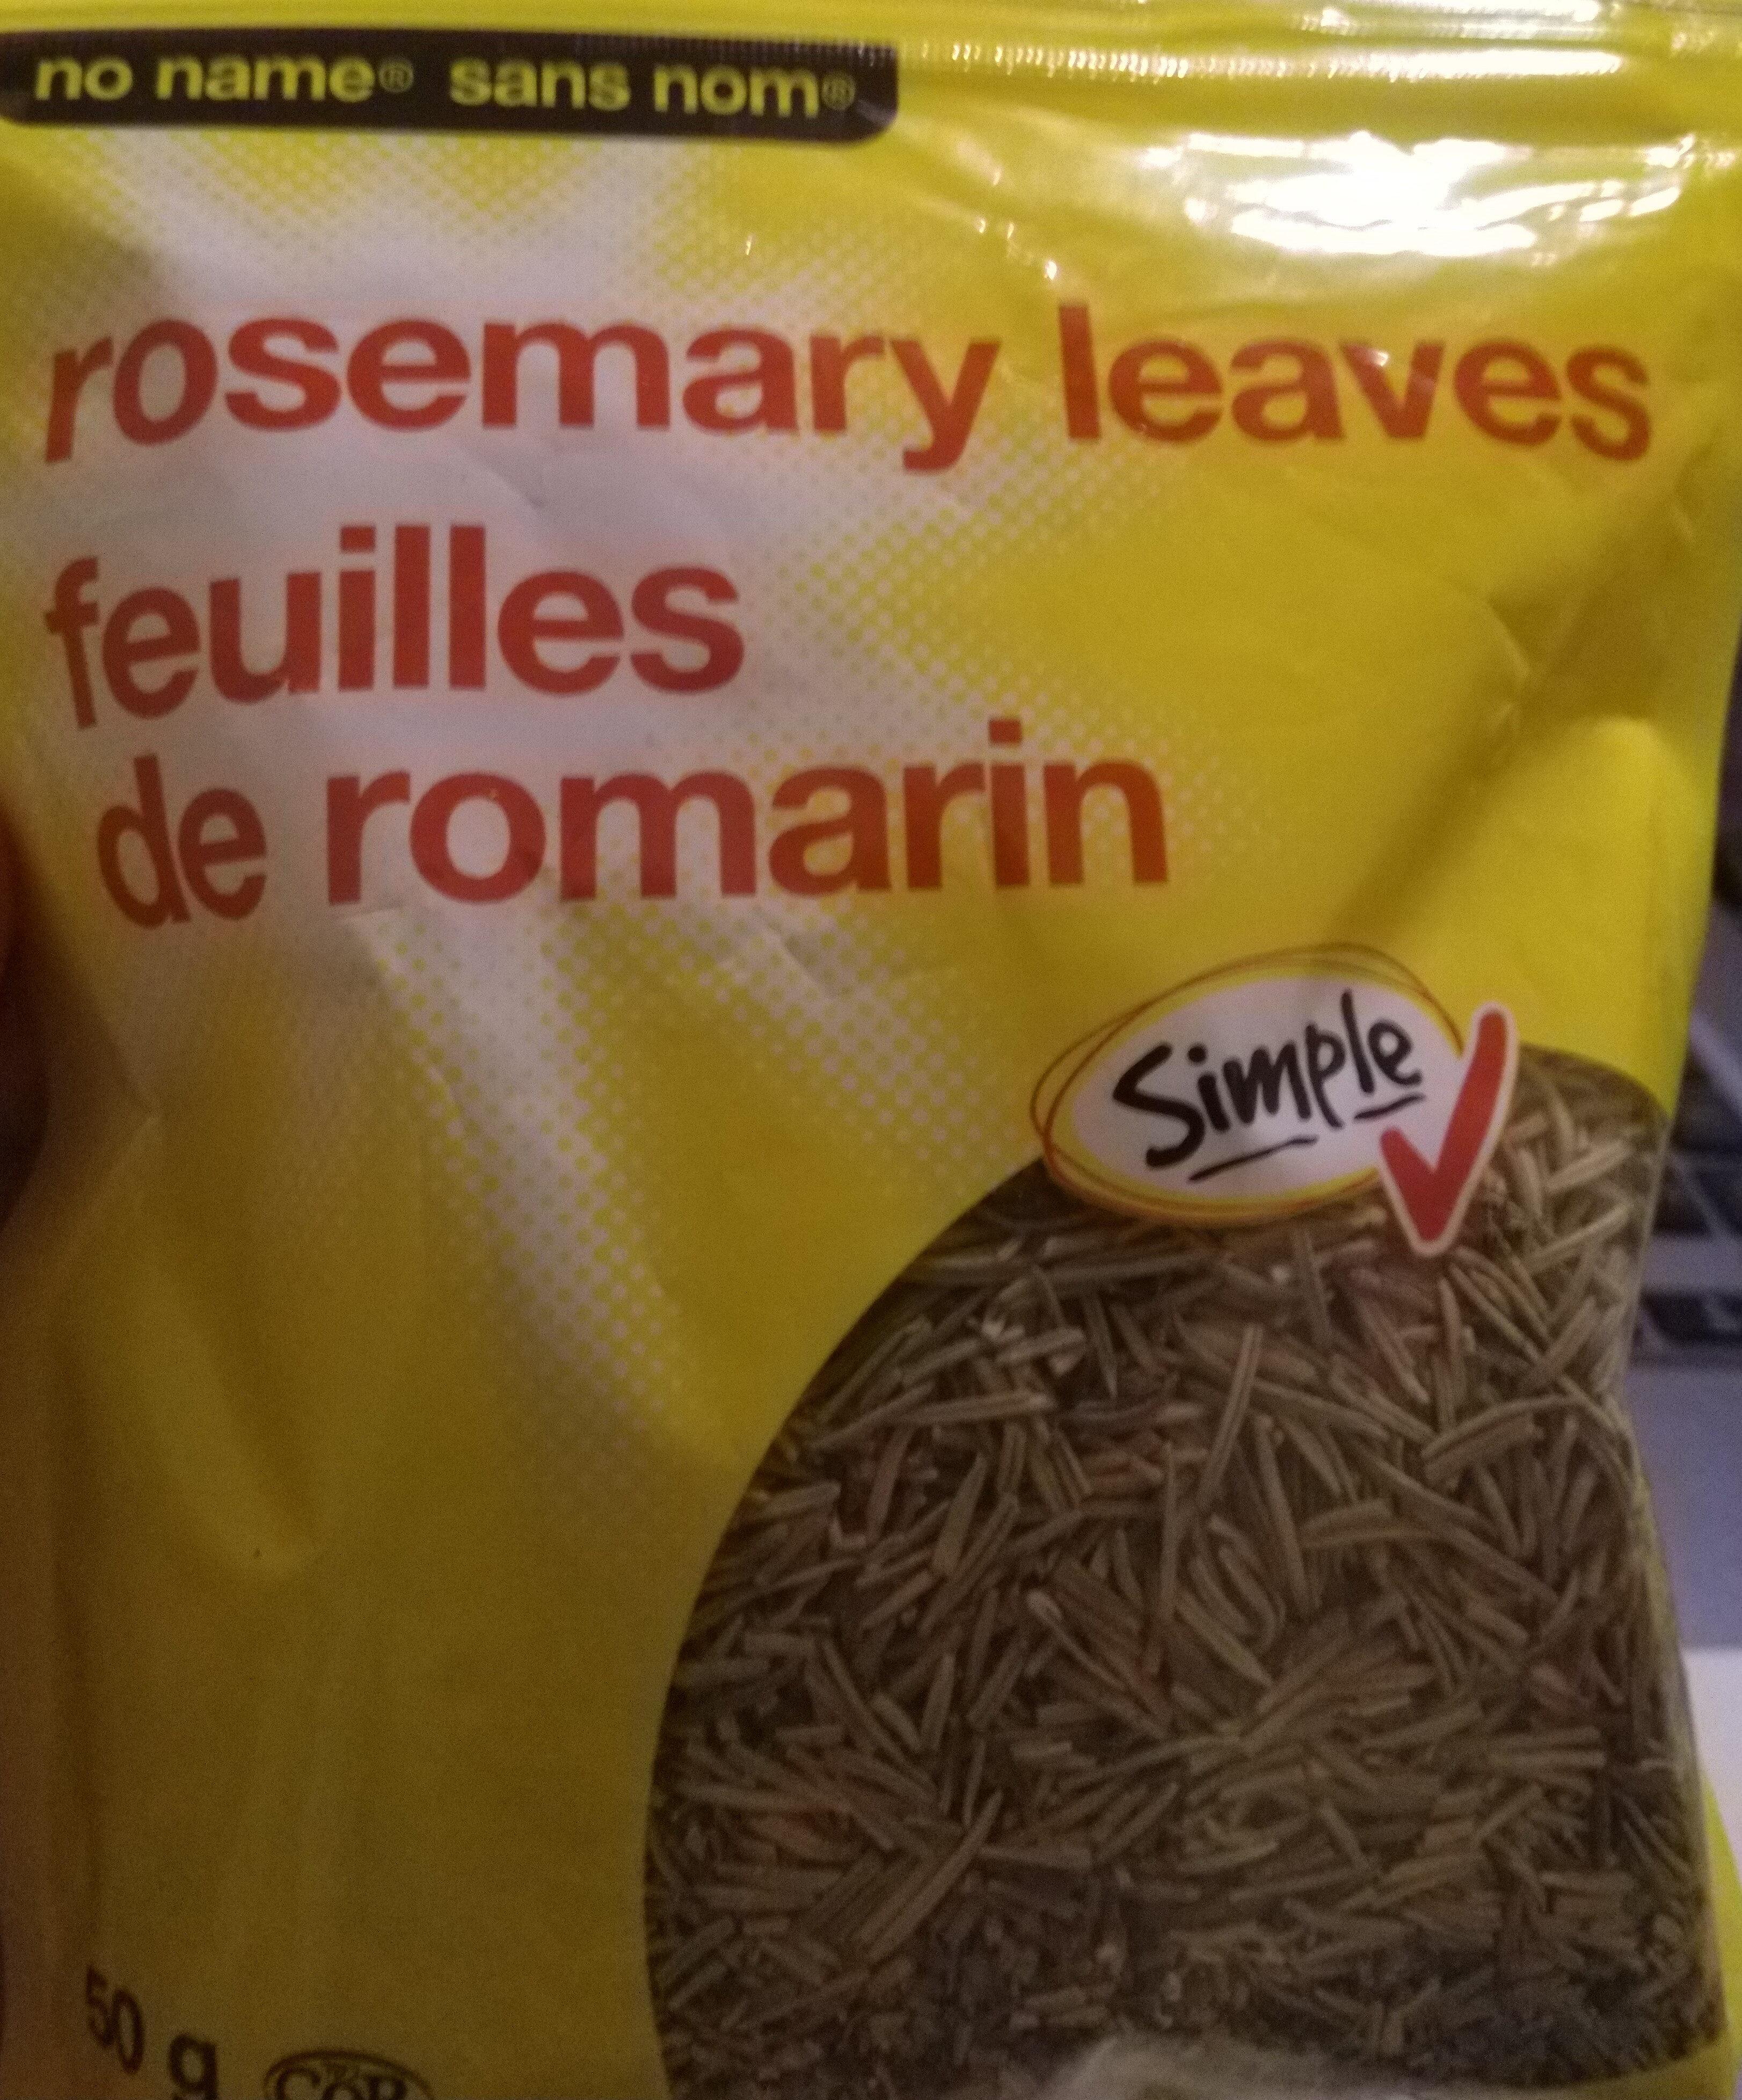 Rosemary leaves - Product - en